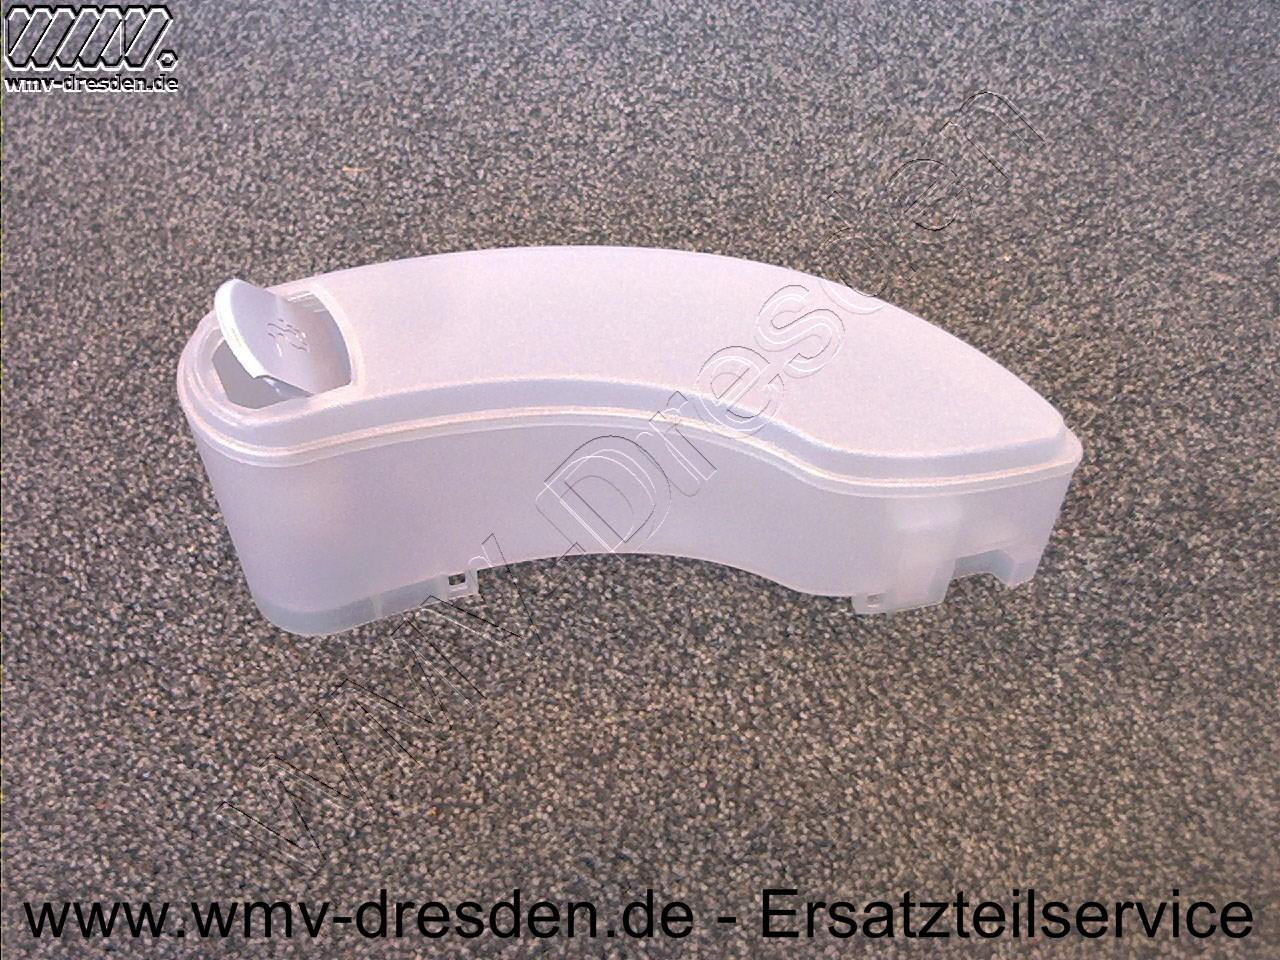 Wassertank-GRAU-für DBS 2200.04, 2400.06 ,07,08,09,10 Dampfbügelstation